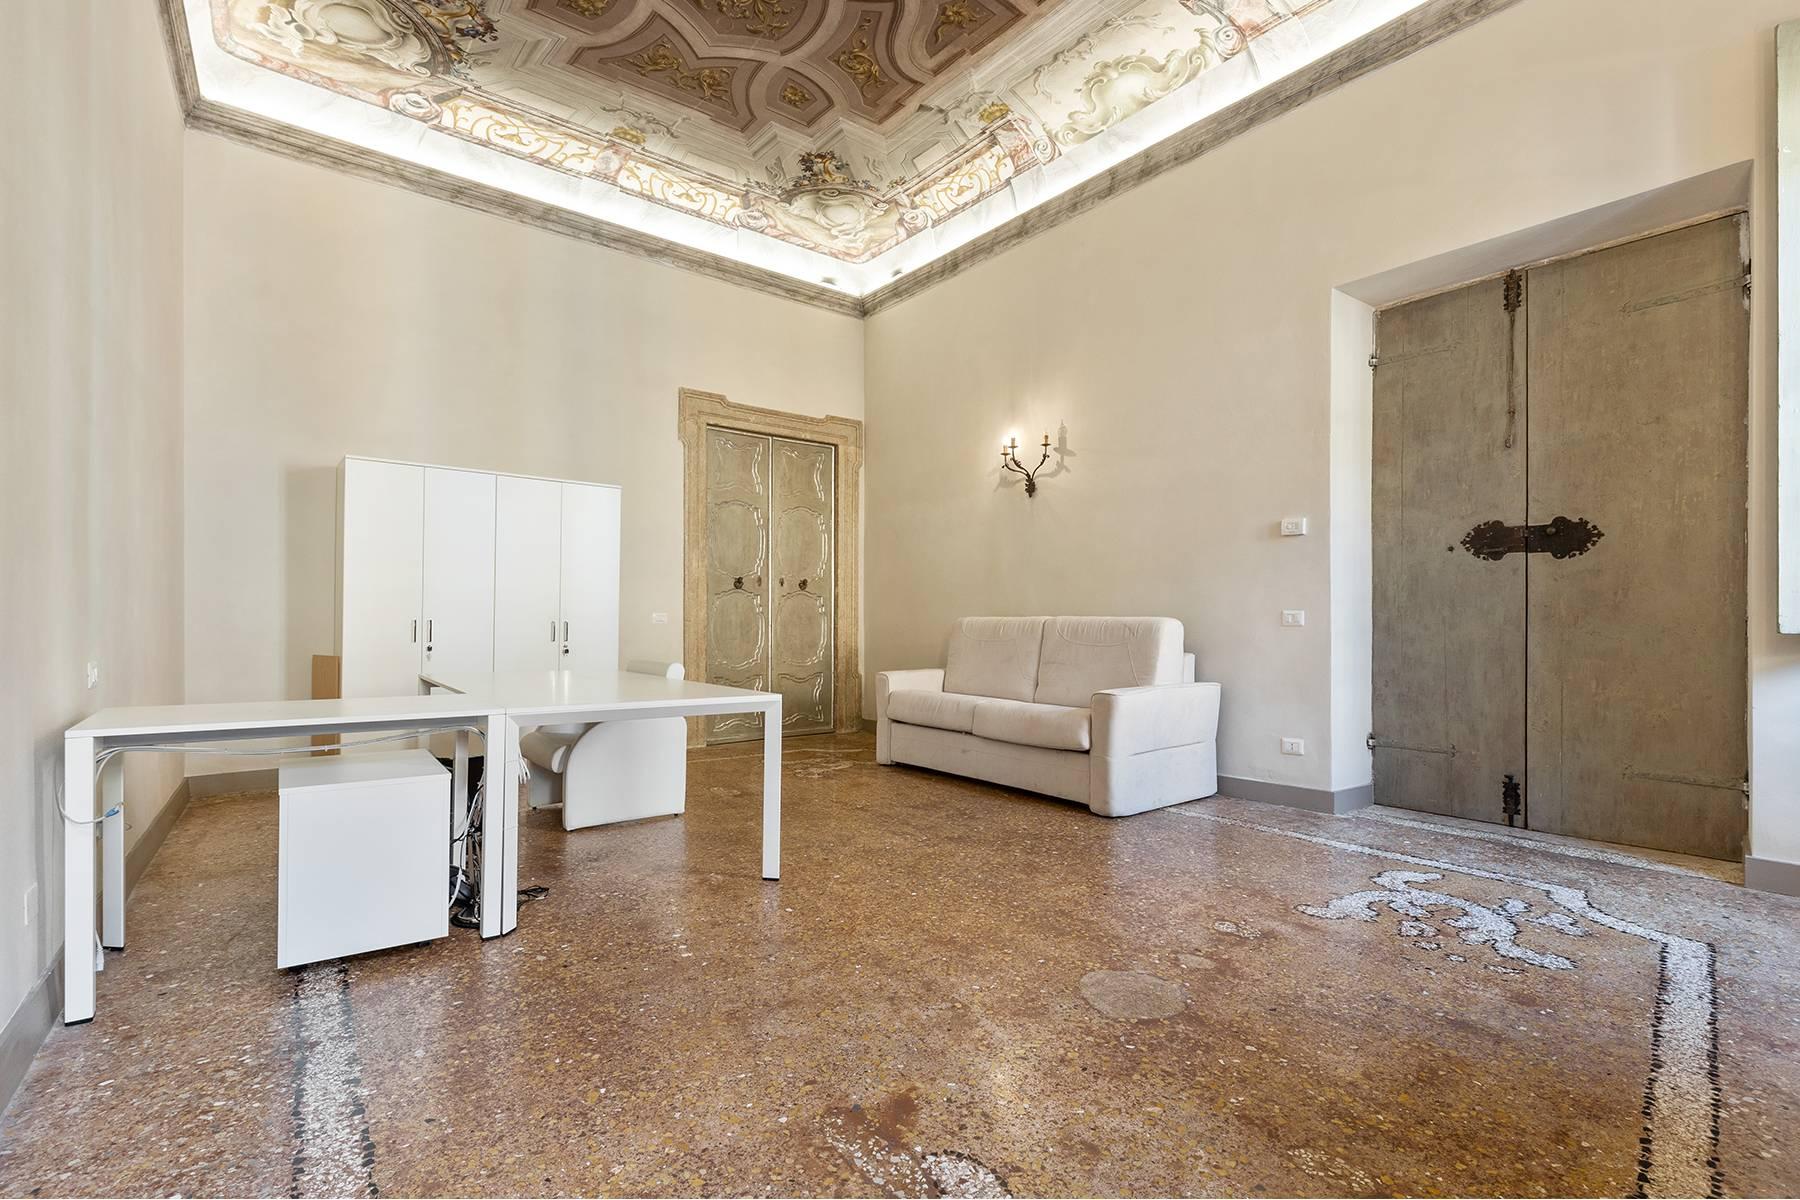 Ufficio-studio in Vendita a Verona: 5 locali, 615 mq - Foto 15